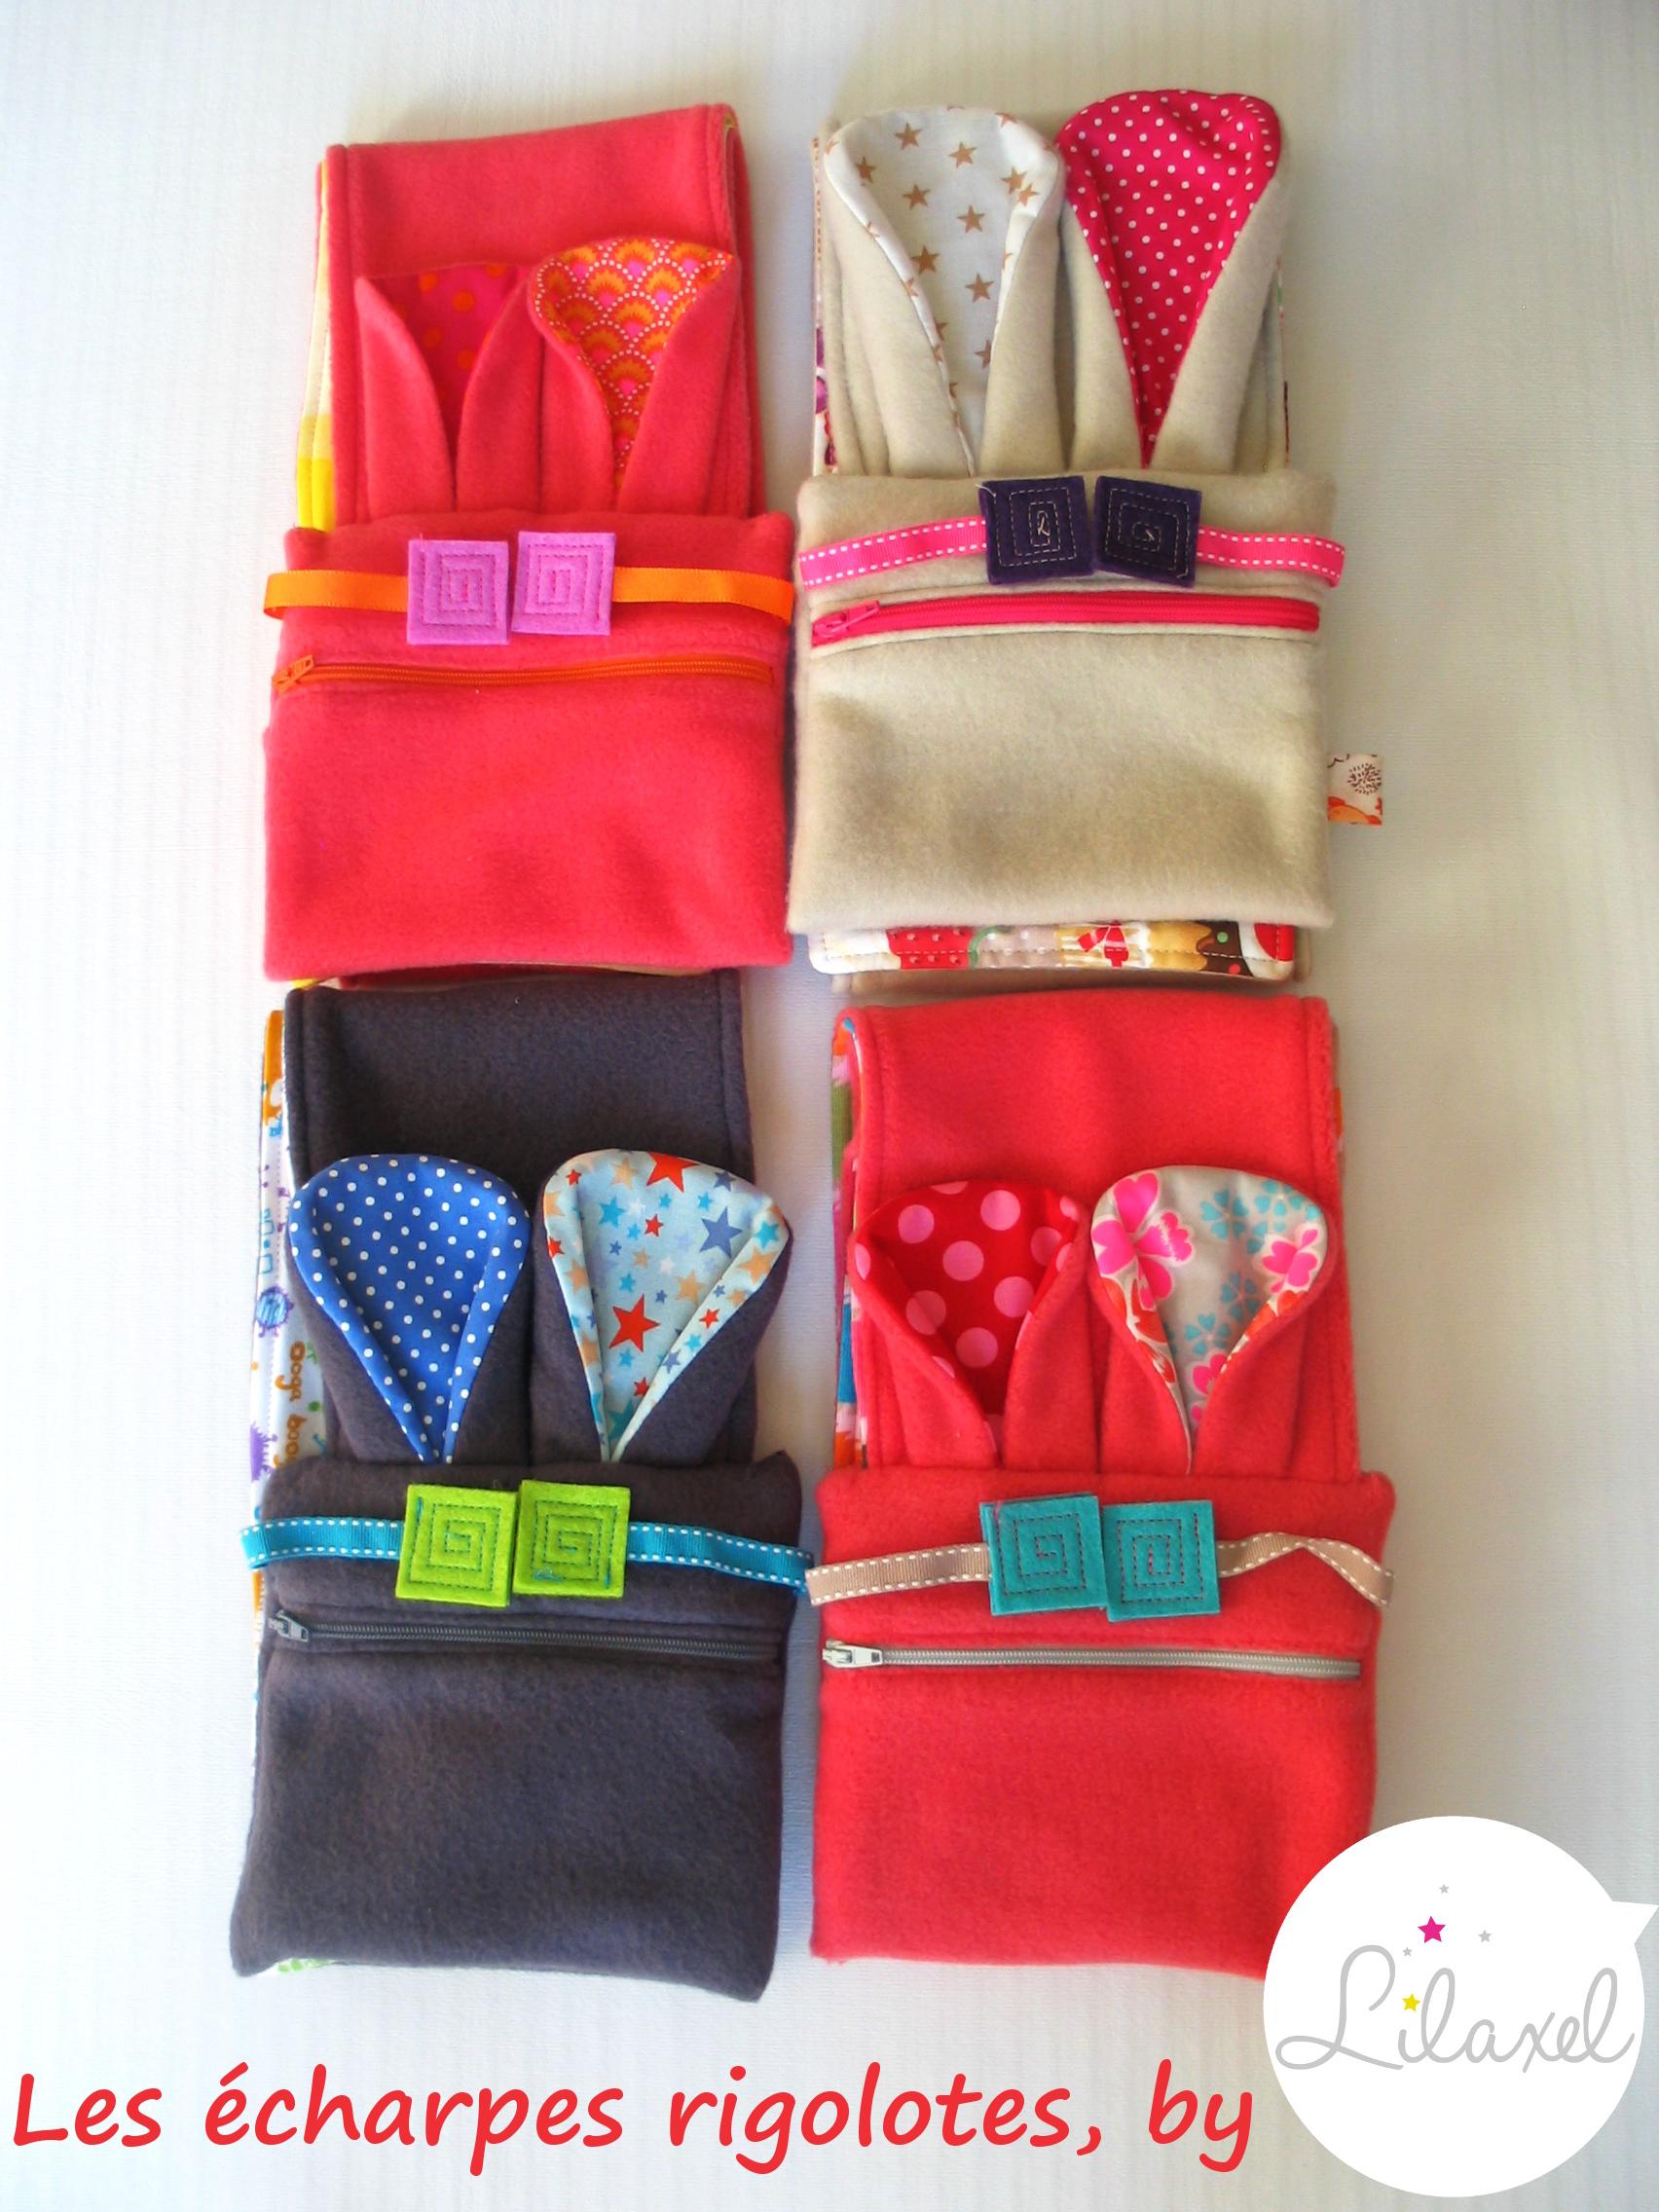 Des écharpes rigolotes